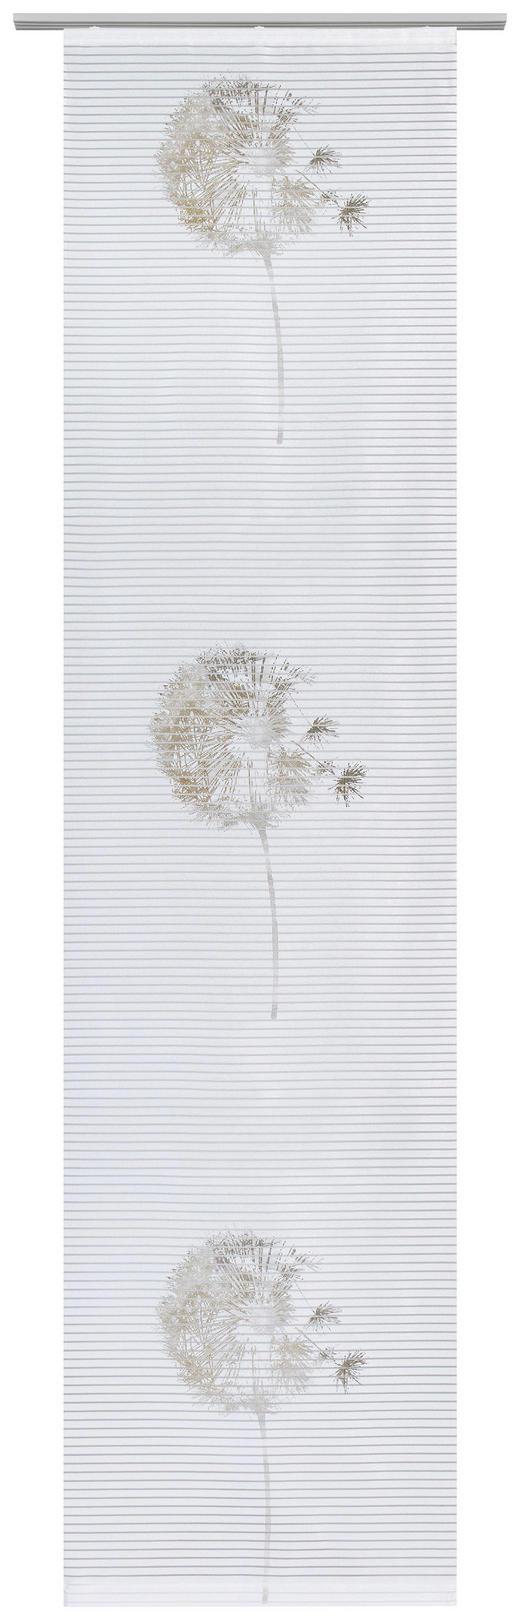 FLÄCHENVORHANG   halbtransparent   60/245 cm - Taupe/Weiß, Design, Textil (60/245cm) - Novel